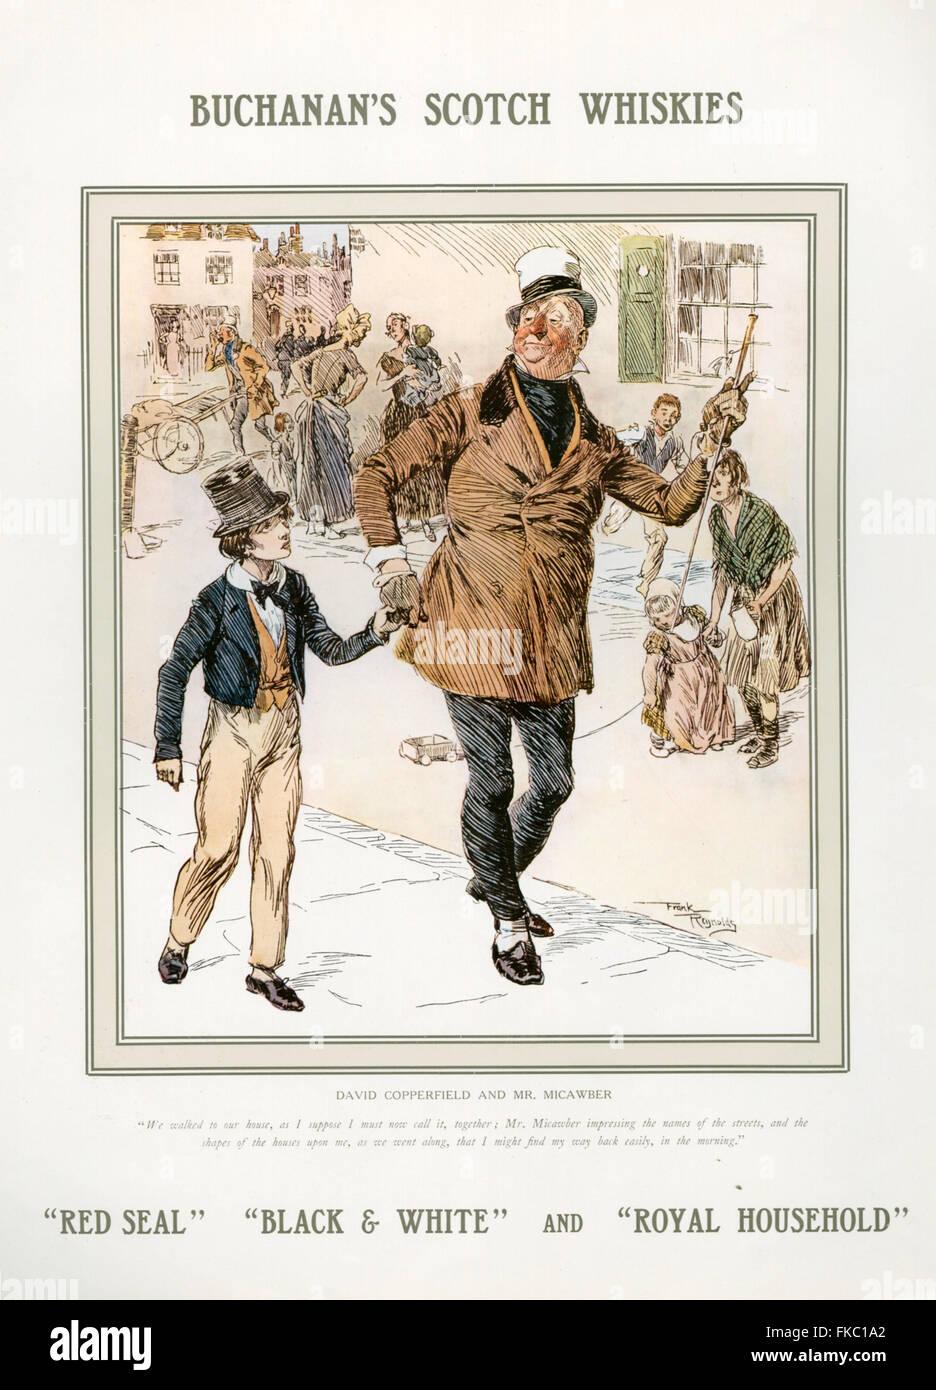 UK Buchanan's Magazine Advert - Stock Image